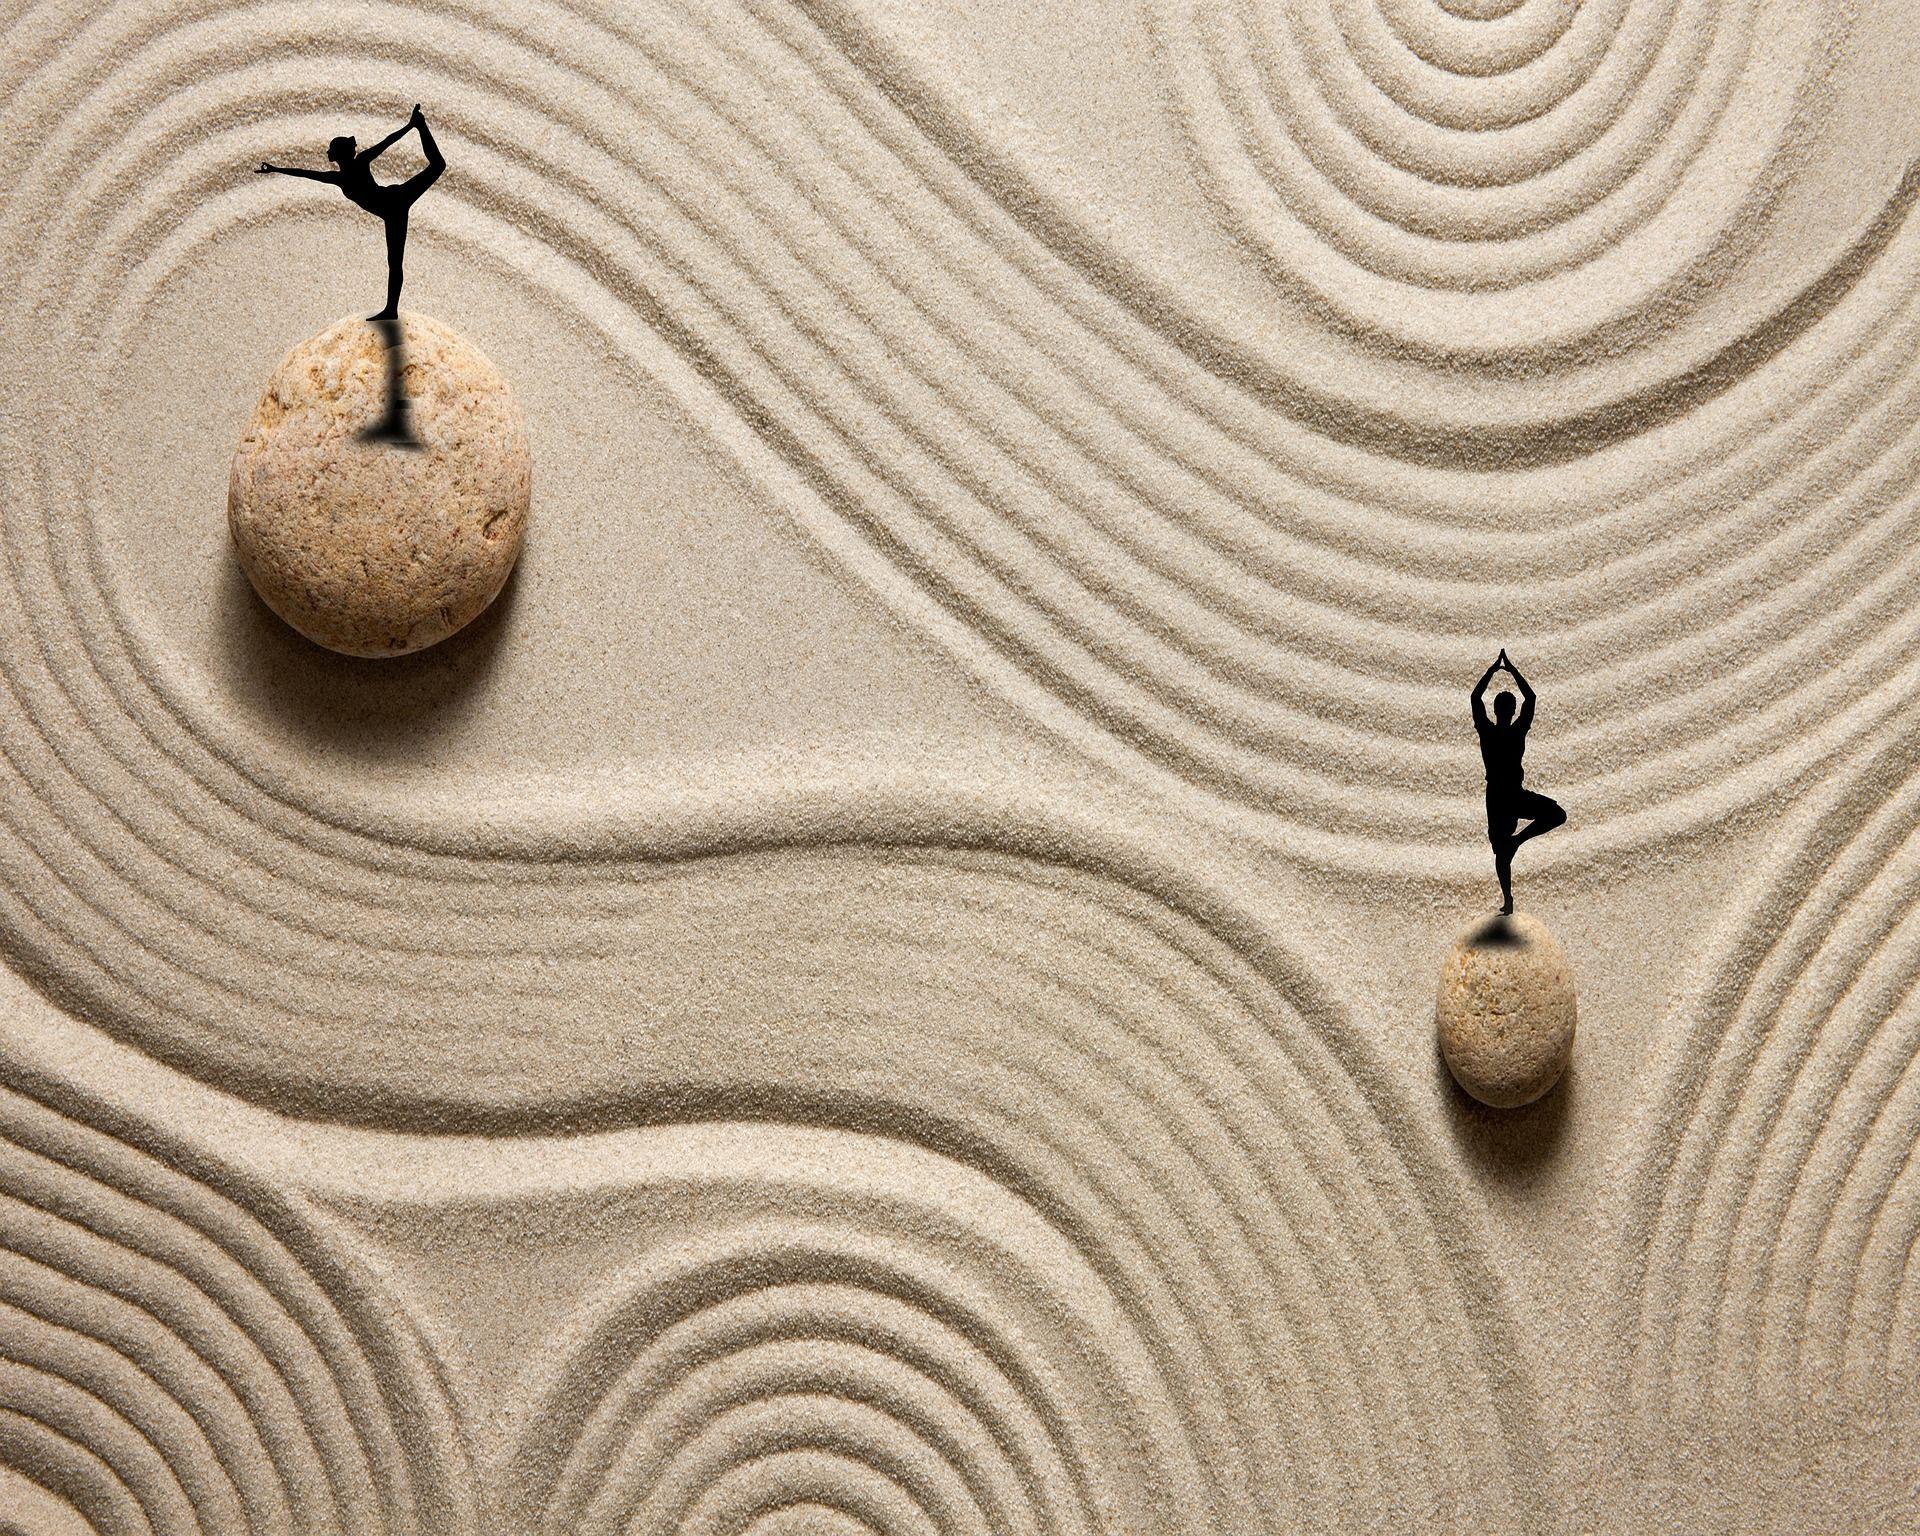 Spiraalikuviot hiekassa